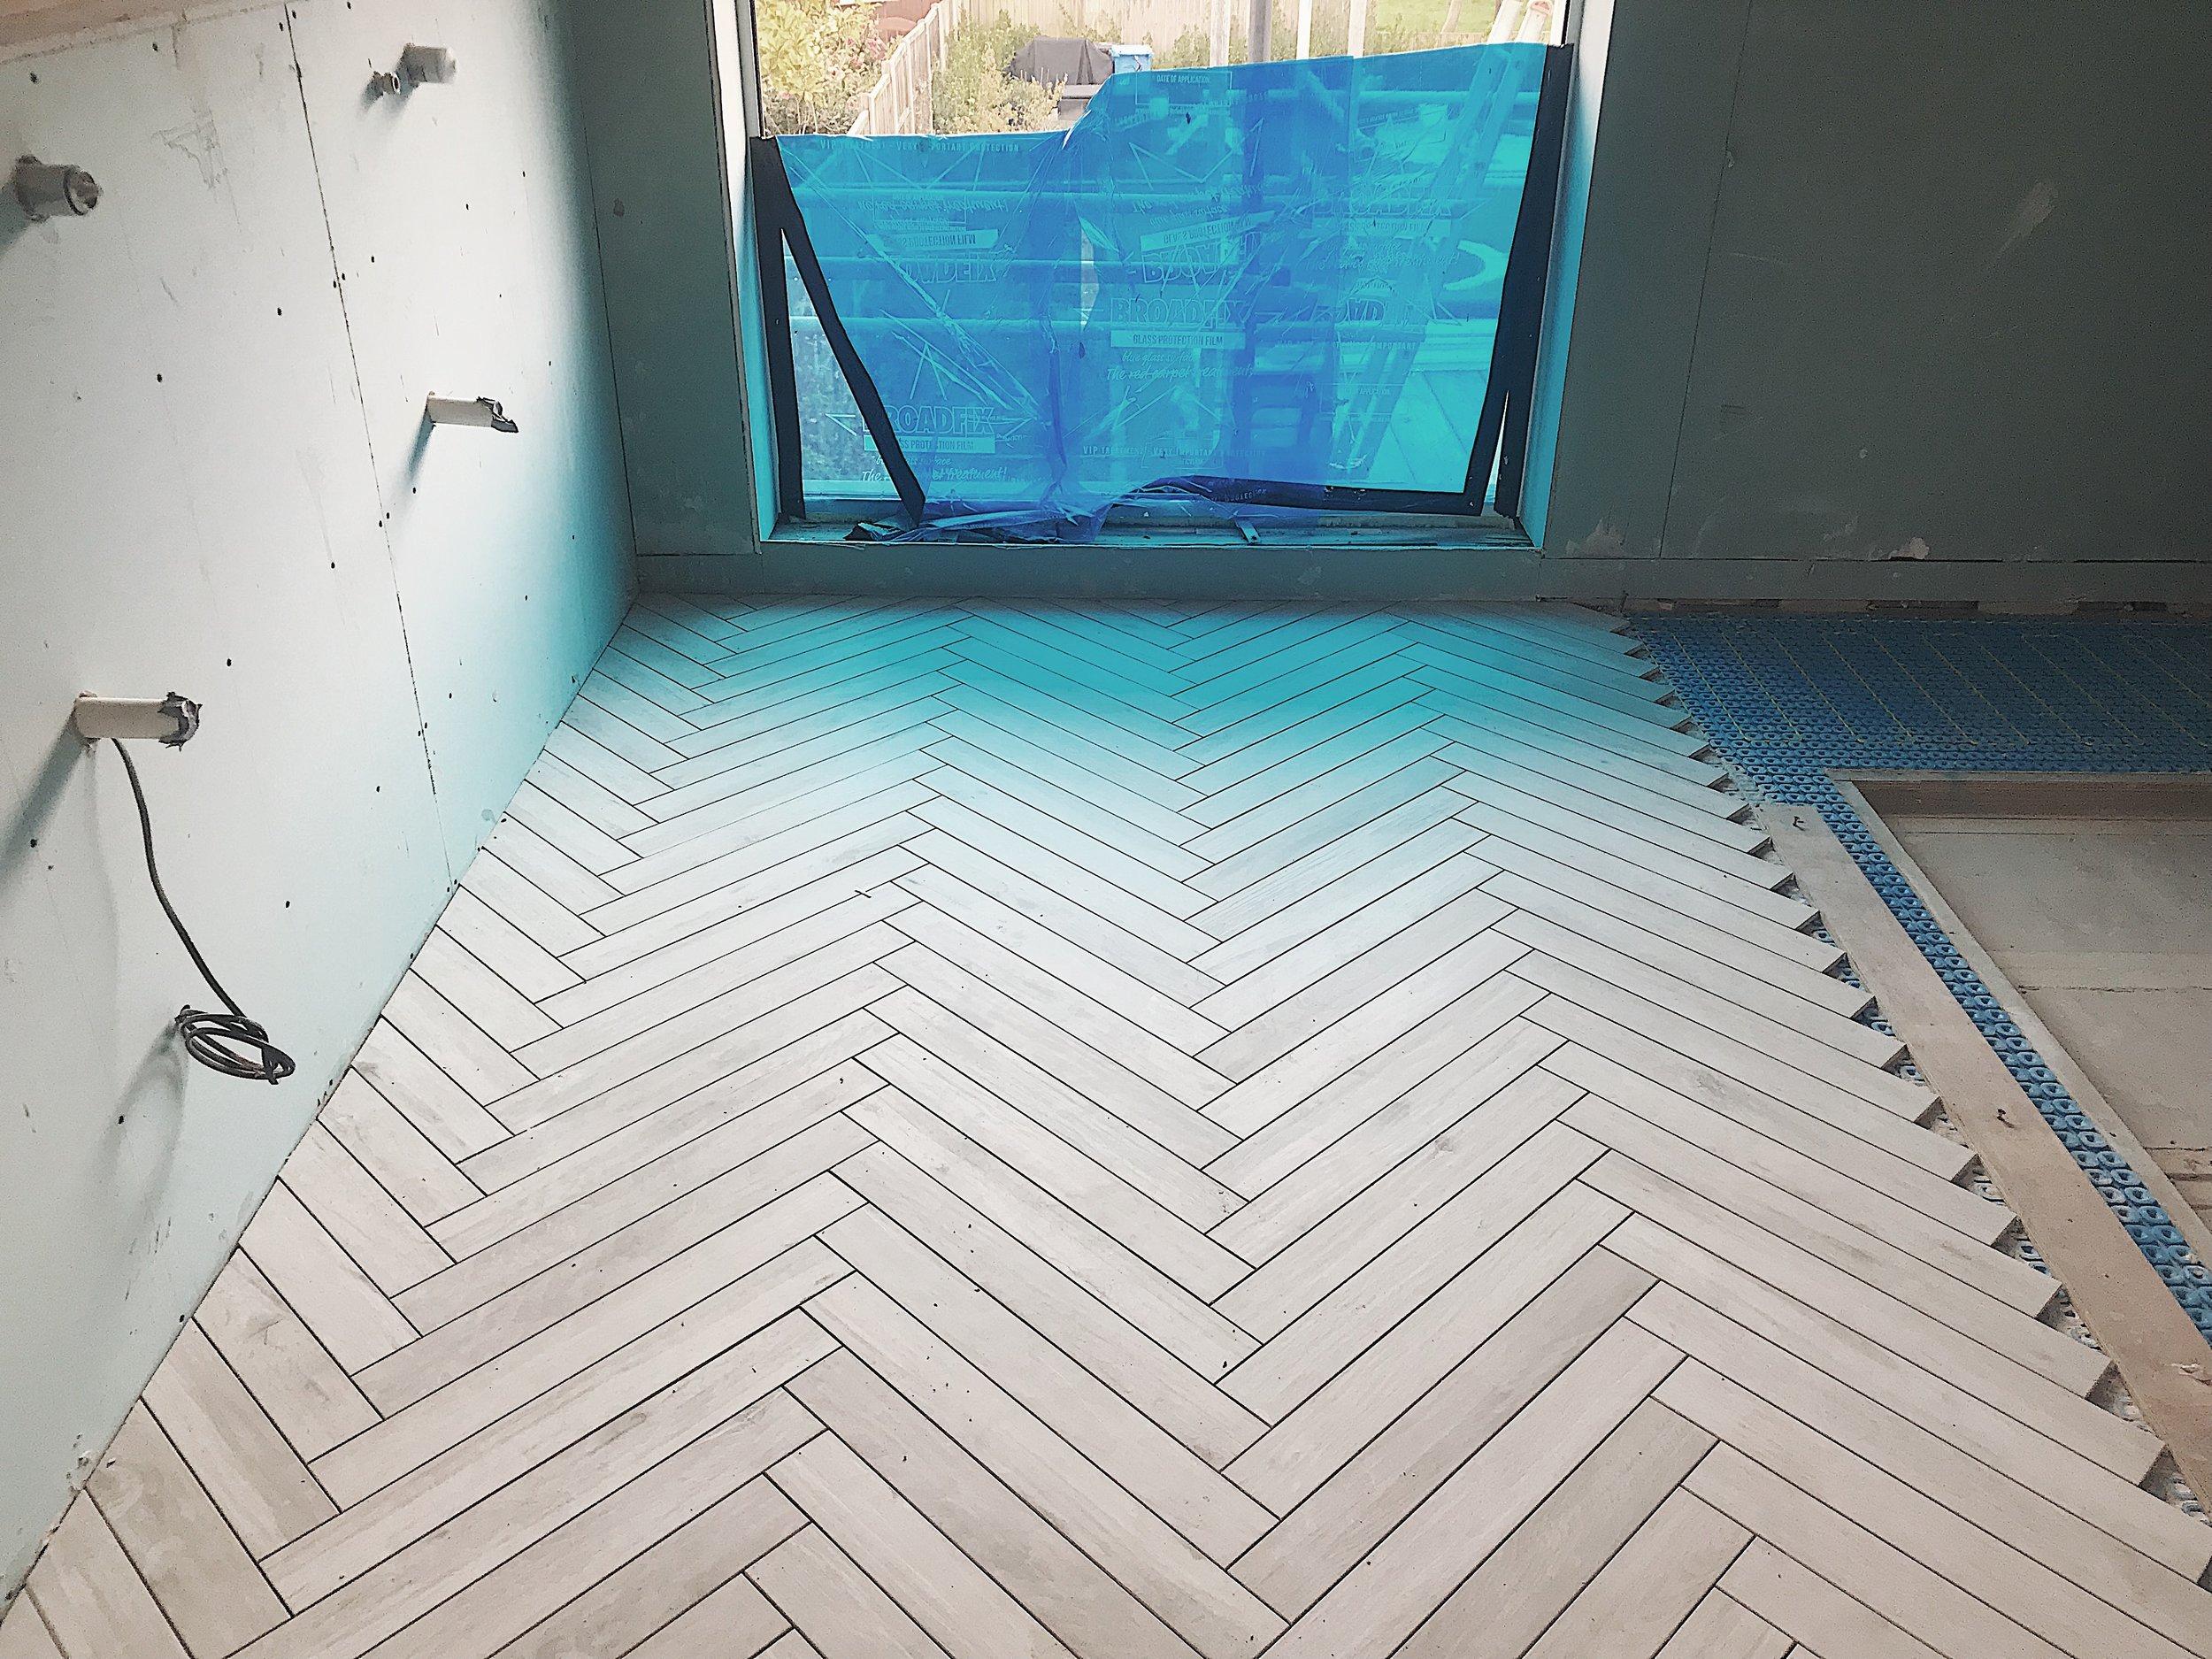 Tiles featured: Wood of Cerim waterjet to create herringbone